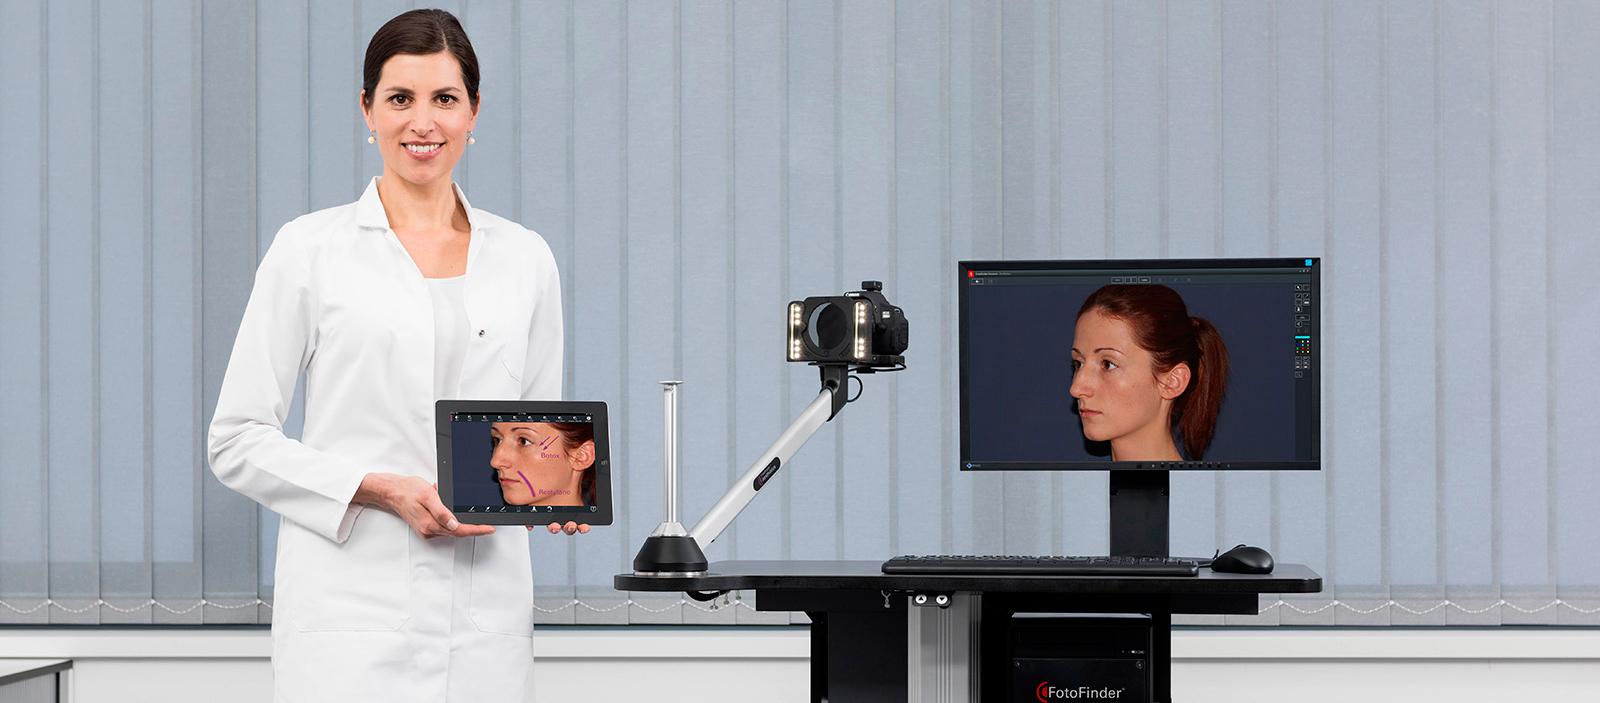 equipo análisis facial